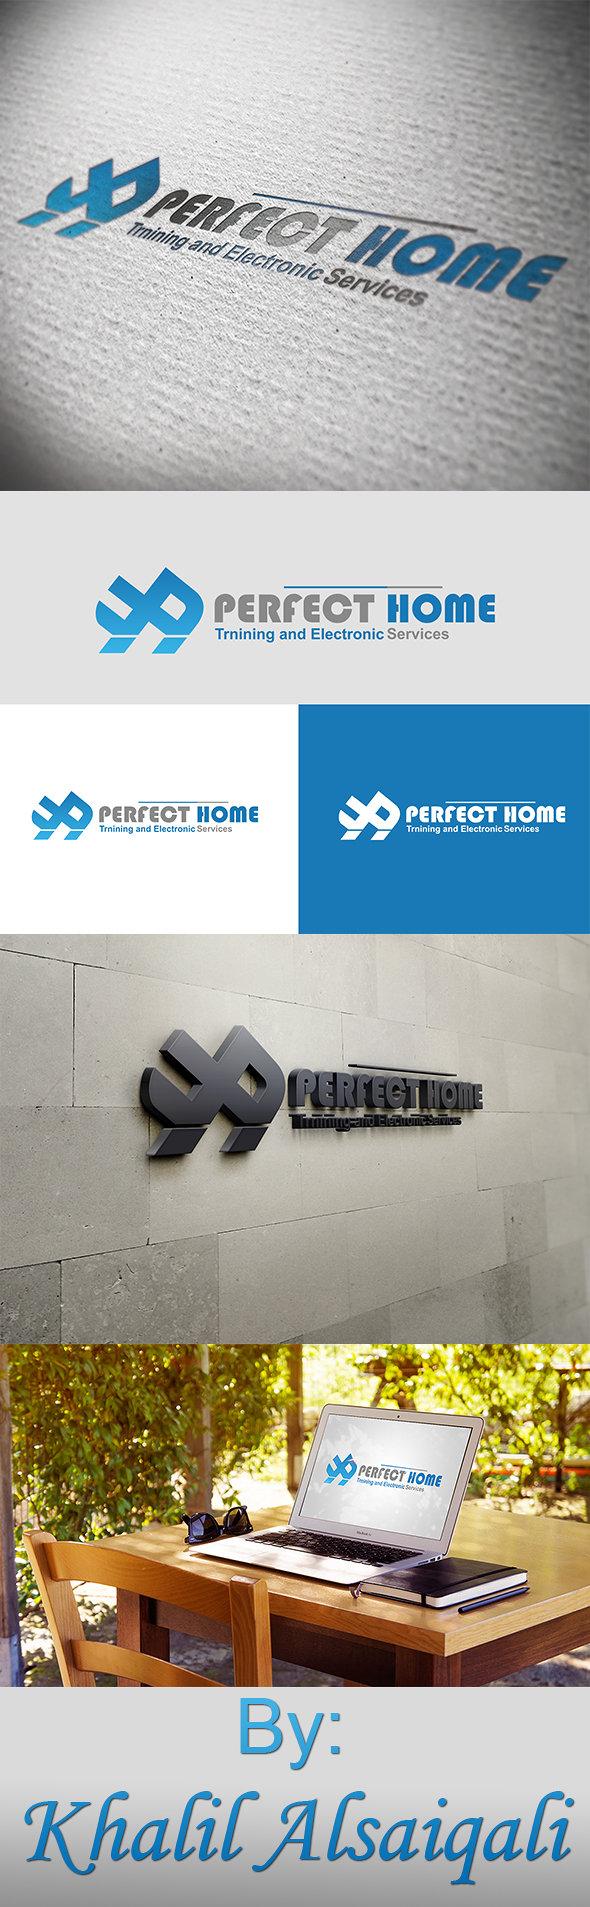 تصميم شعار شركة بيرفكت هوم